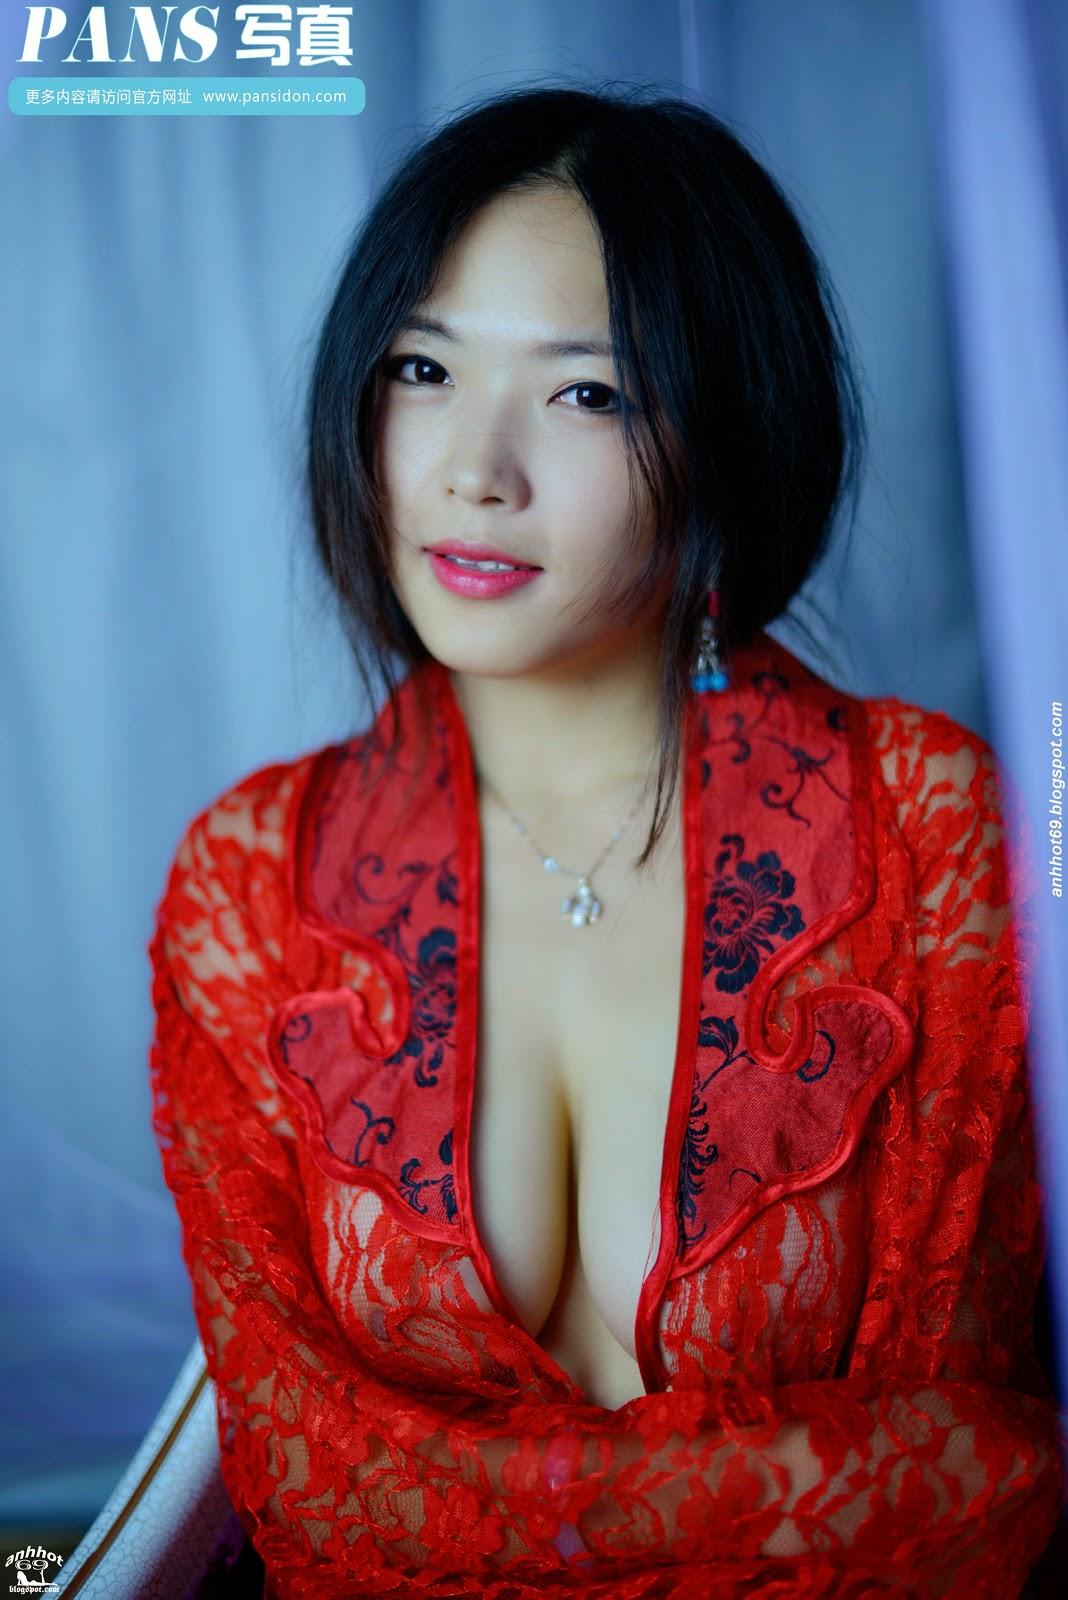 yuhan-pansidon-02851575